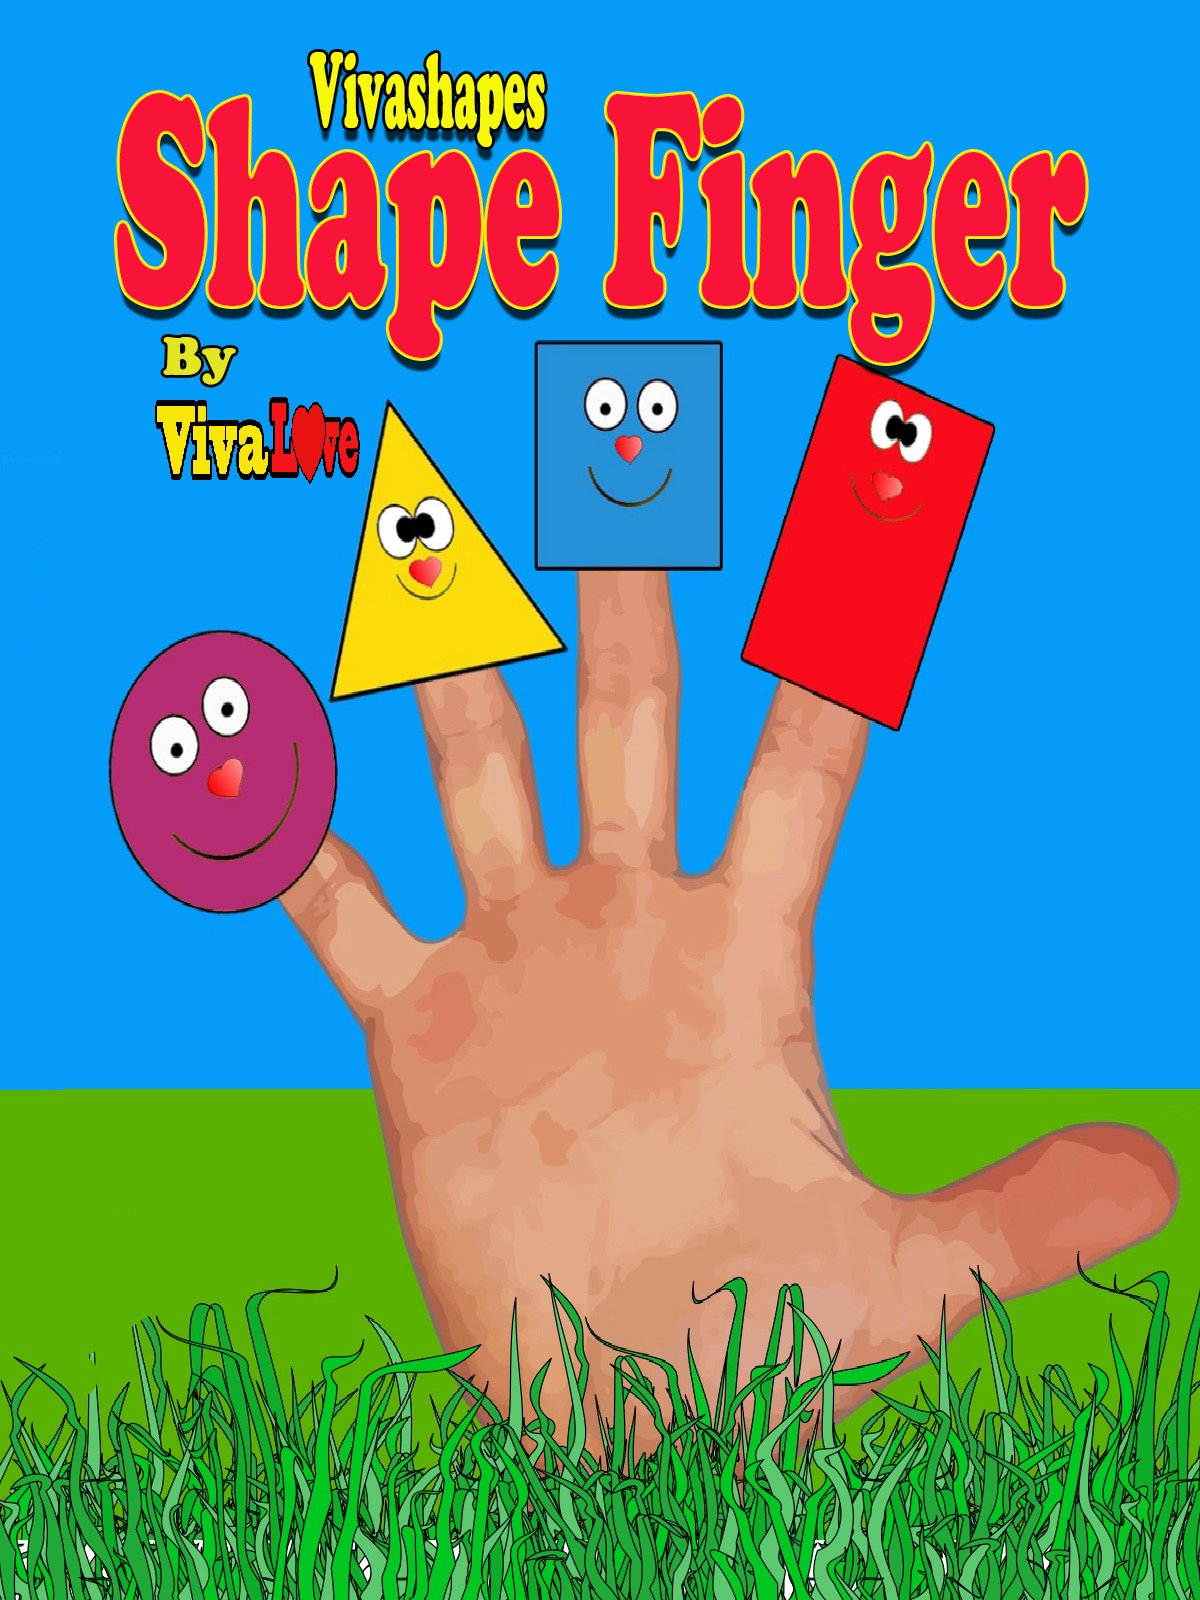 Vivashapes Shape finger.